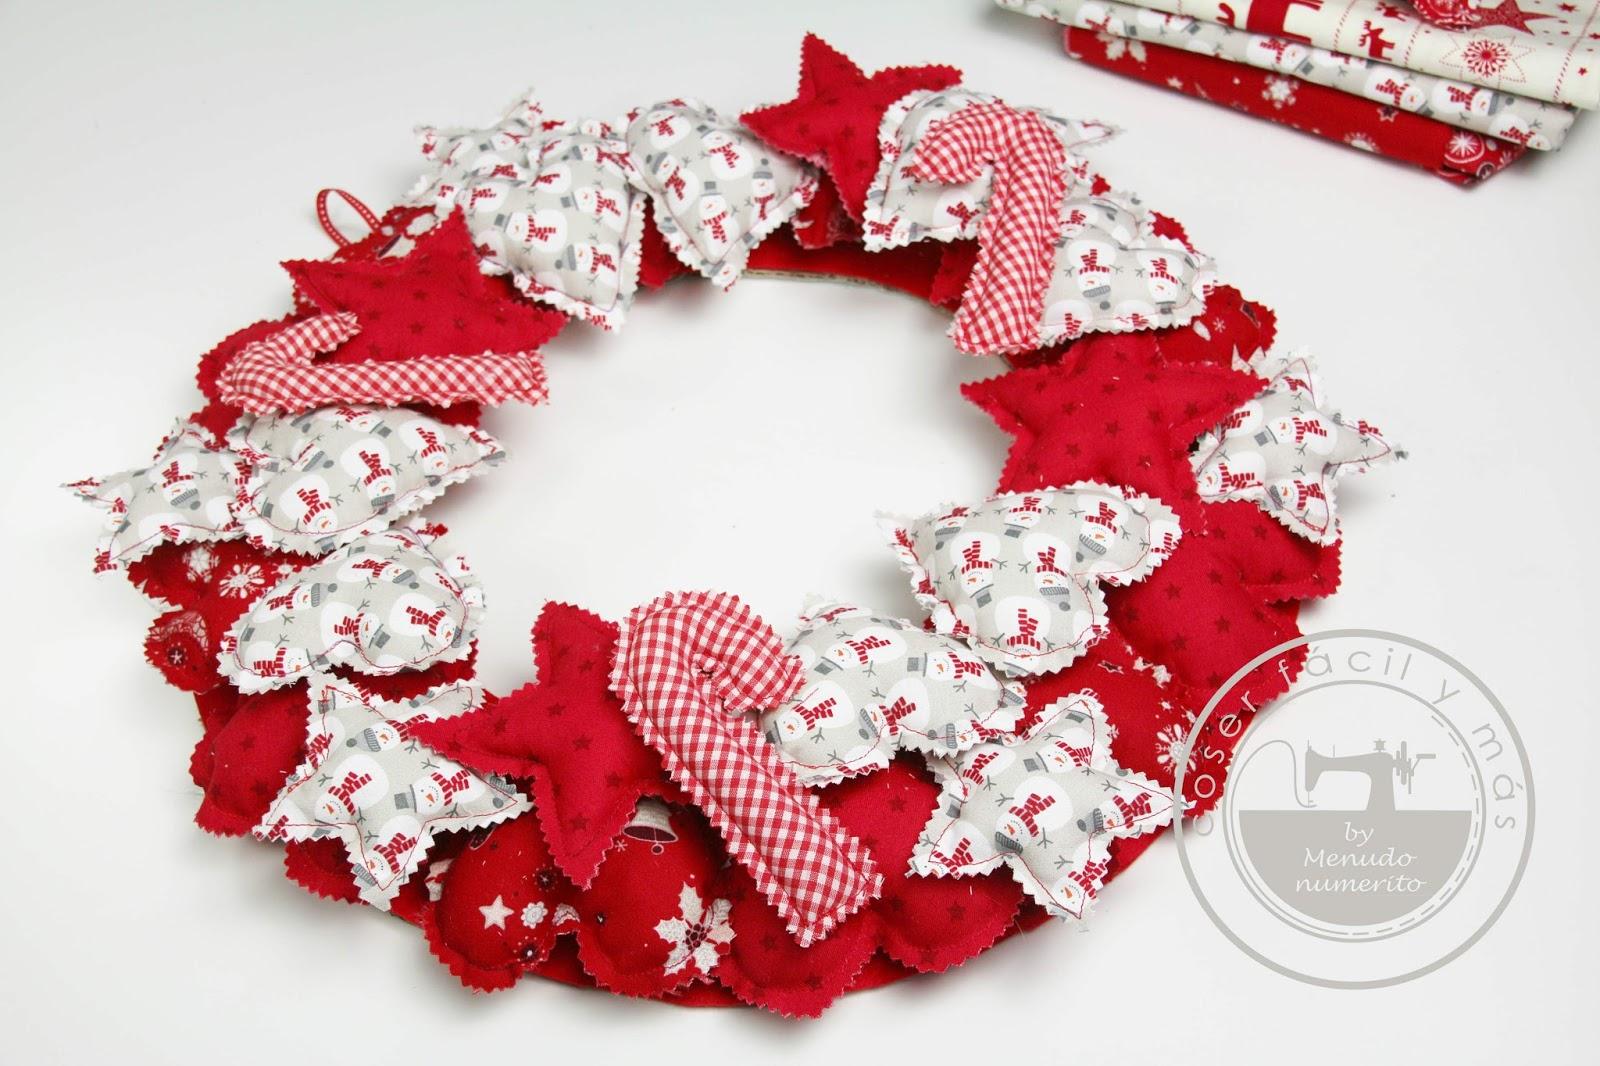 Adornos de navidad hechos a mano para tu casa el blog de - Adornos de navidad hechos a mano por ninos ...